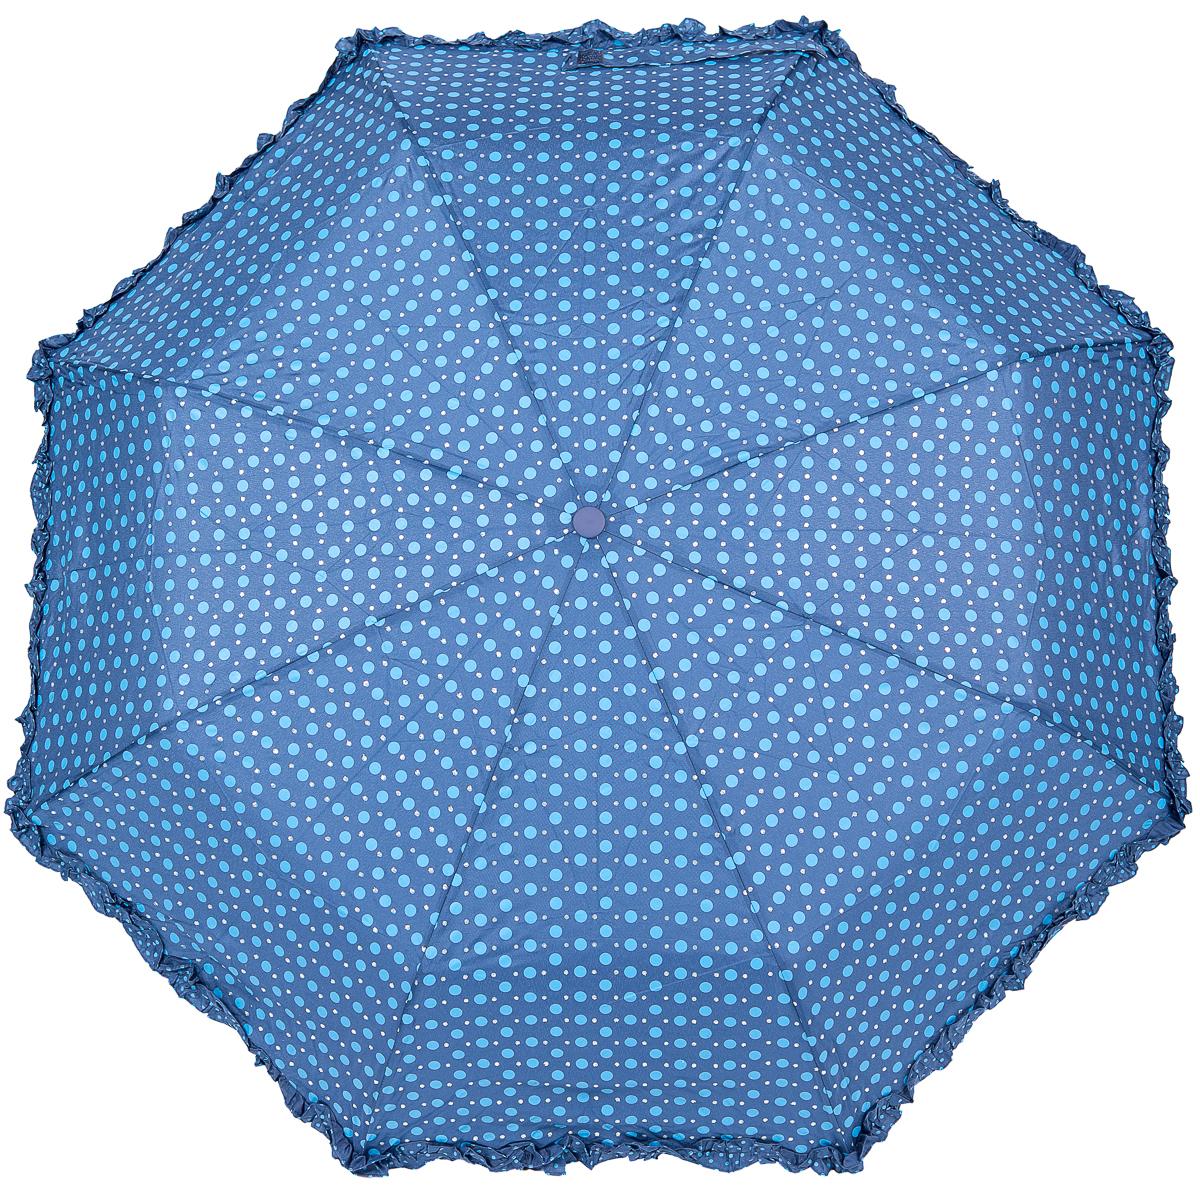 Зонт женский Nuages, цвет: голубой. NZ33068/2QA-11739-7Элегантный зонтик. Полный автомат, 3 сложения, система антиветер. Дизайн - горошек, декорирован рюшей по краю зонта.